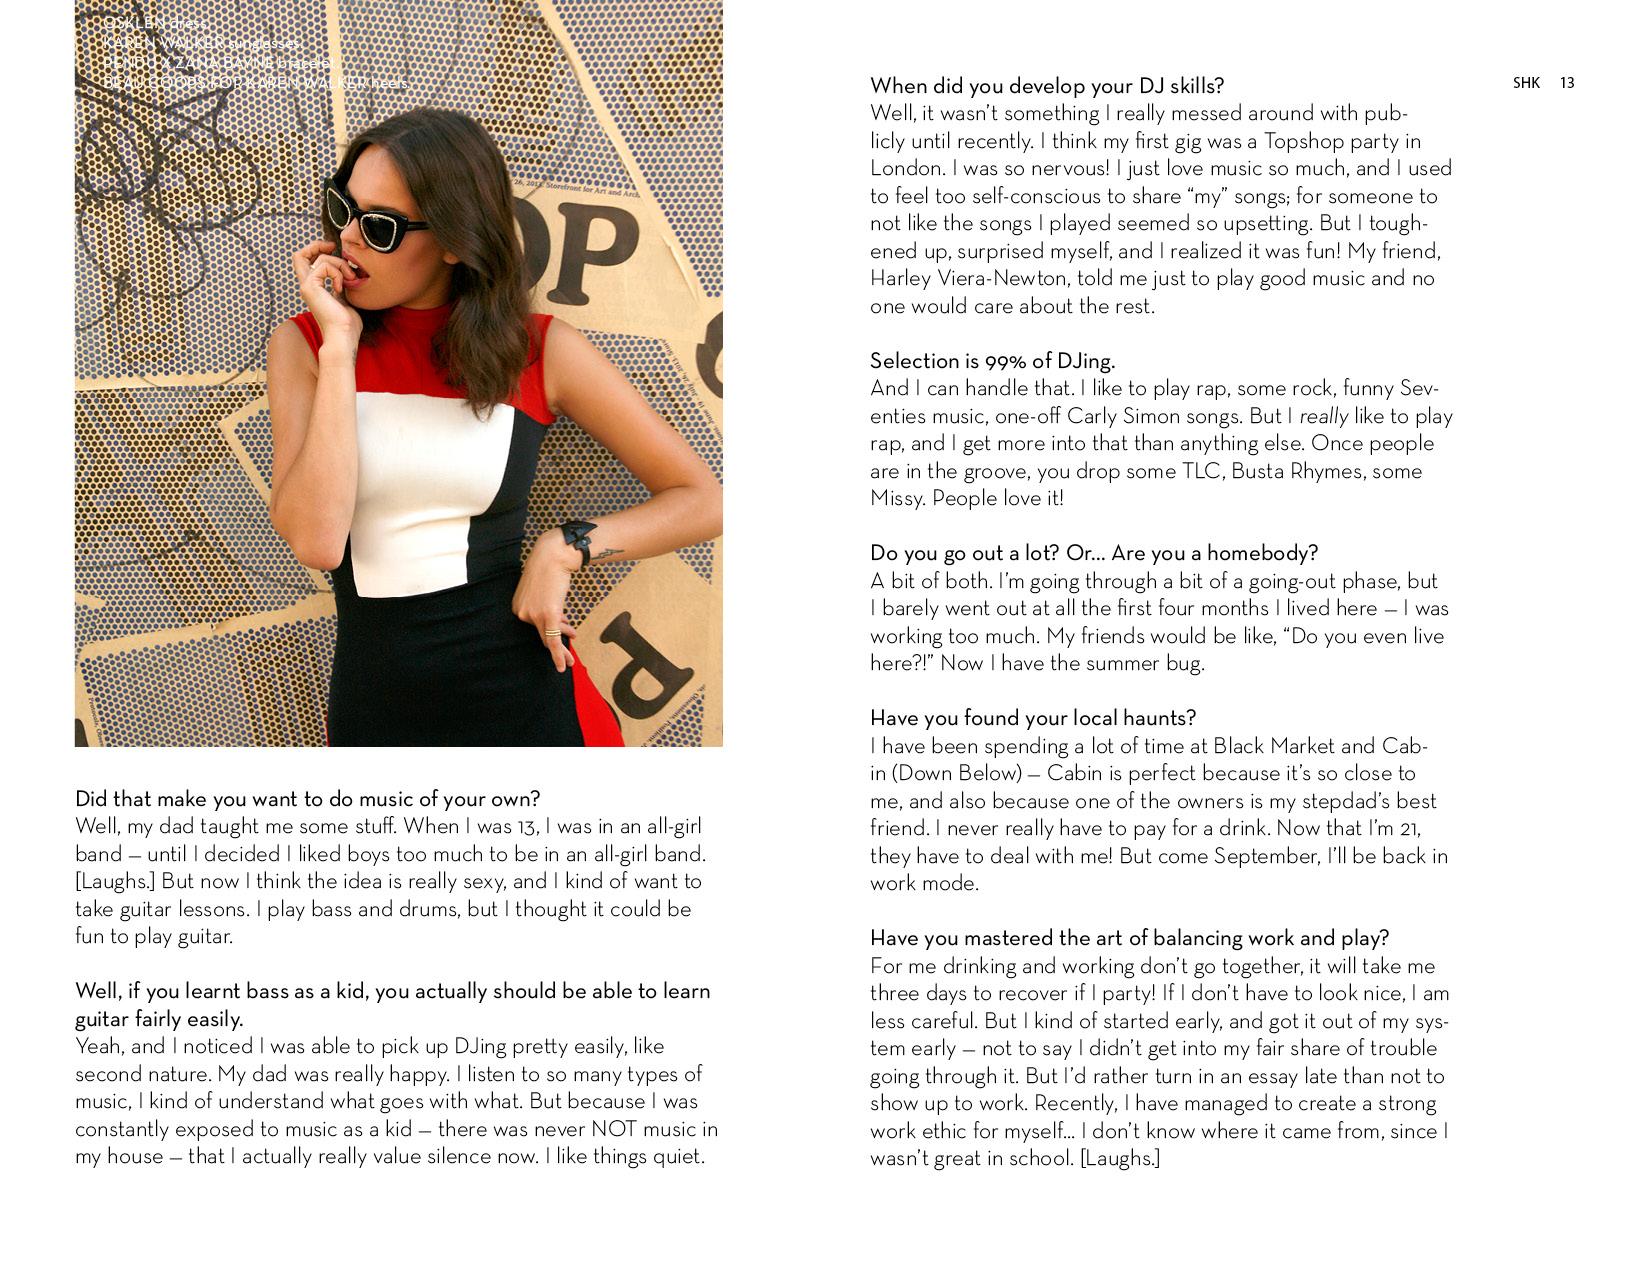 SHK-Summer-Issue-Summer-Needs-No-Explaination-201313.jpg